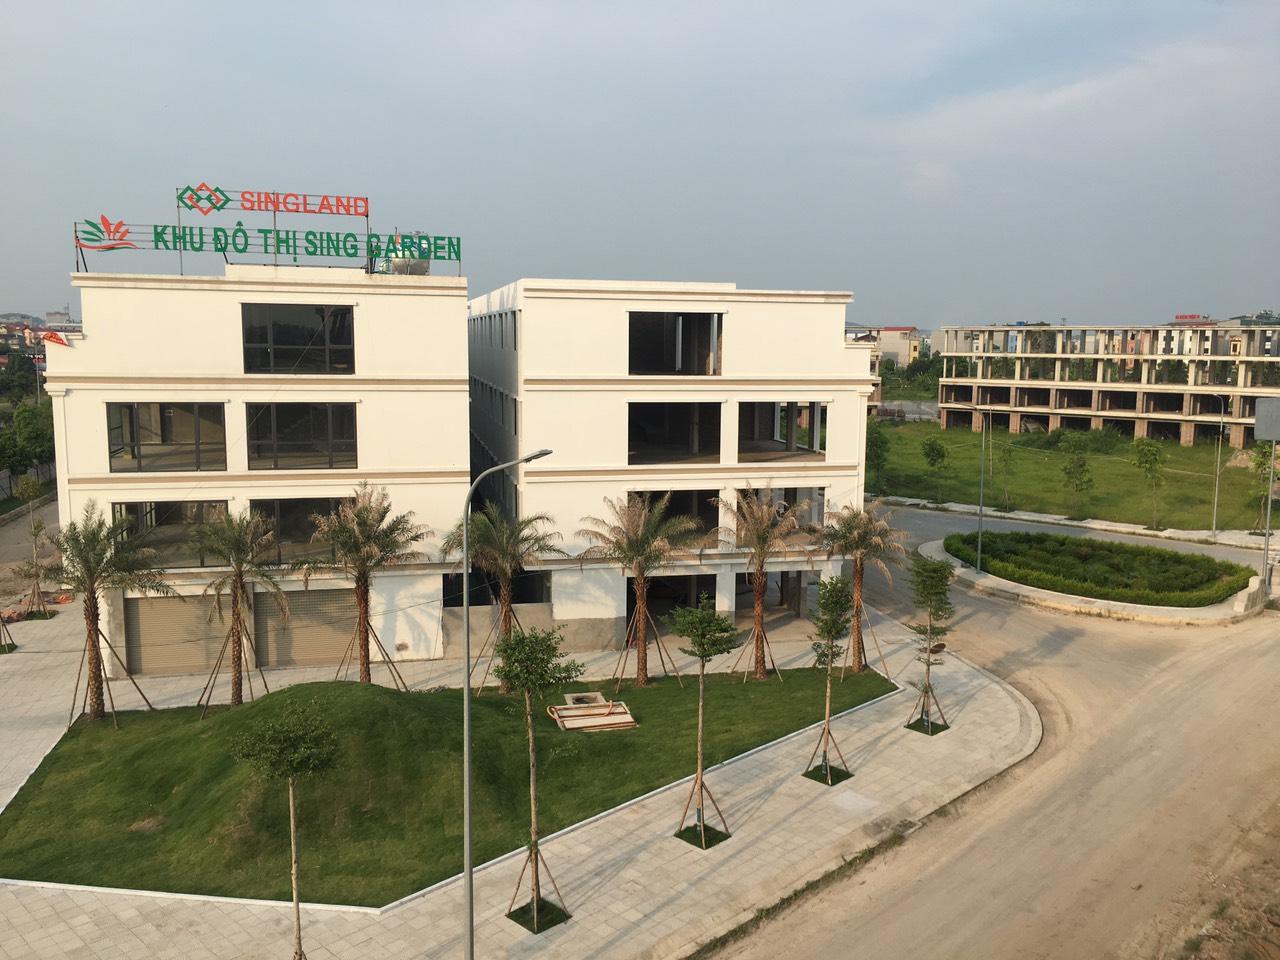 Bắc Ninh giao 3,3 ha đất của VSIP cho Singland xây khu đô thị - Ảnh 1.